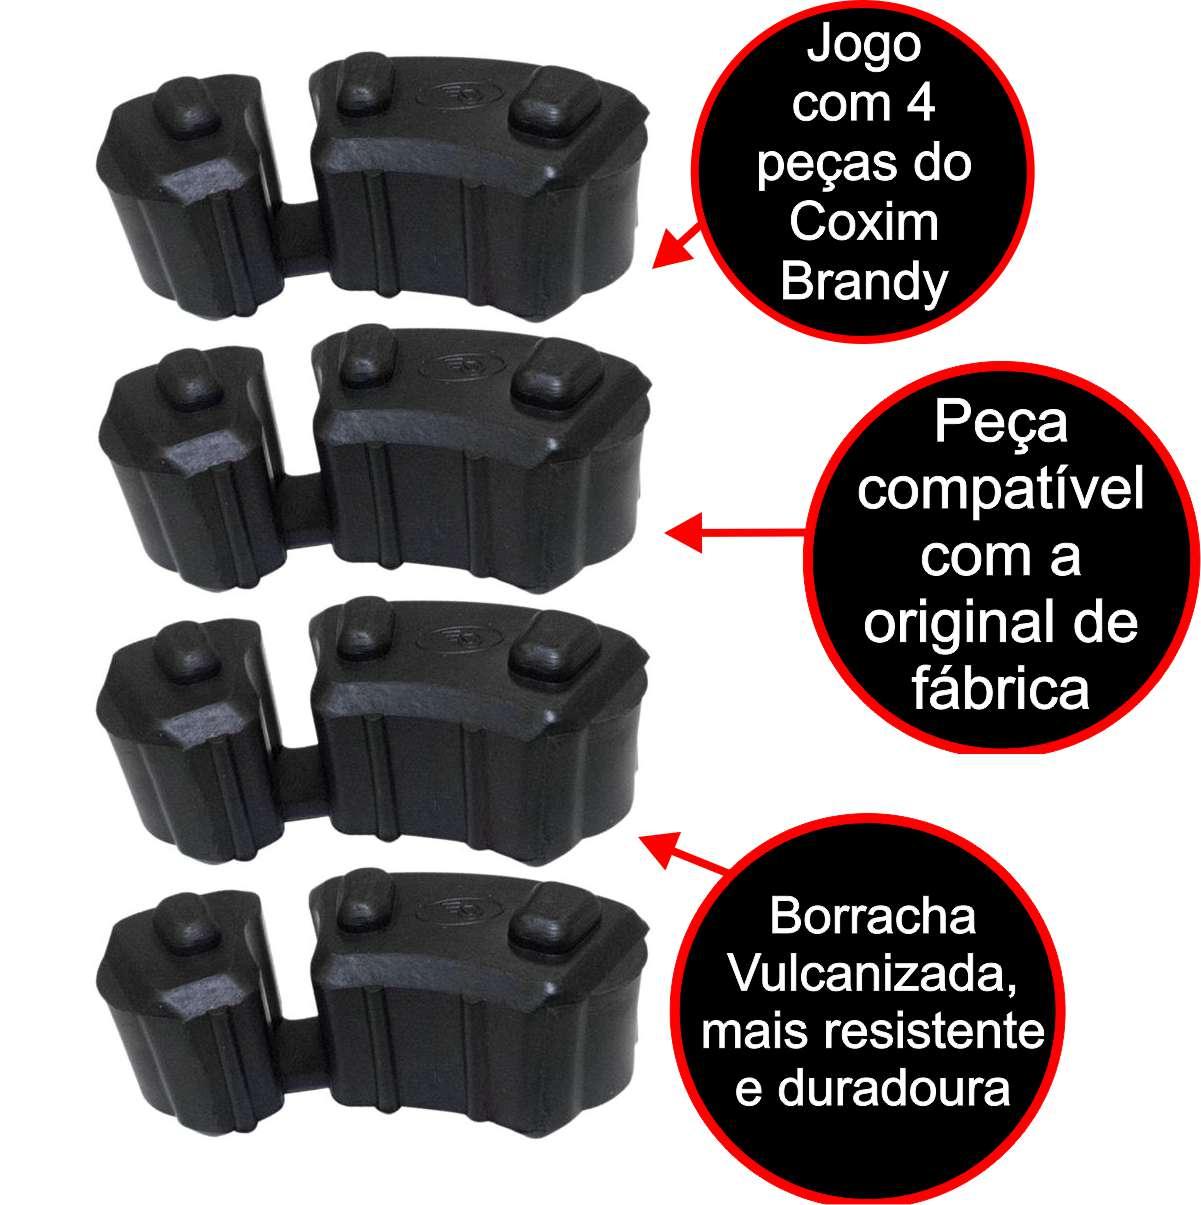 COXIM BRANDY CUBO TRASEIRO BORRACHA RODA MOTO BMW F 650 GS 2008 até 2011 / F 800 GS JOGO COM 4 PEÇAS